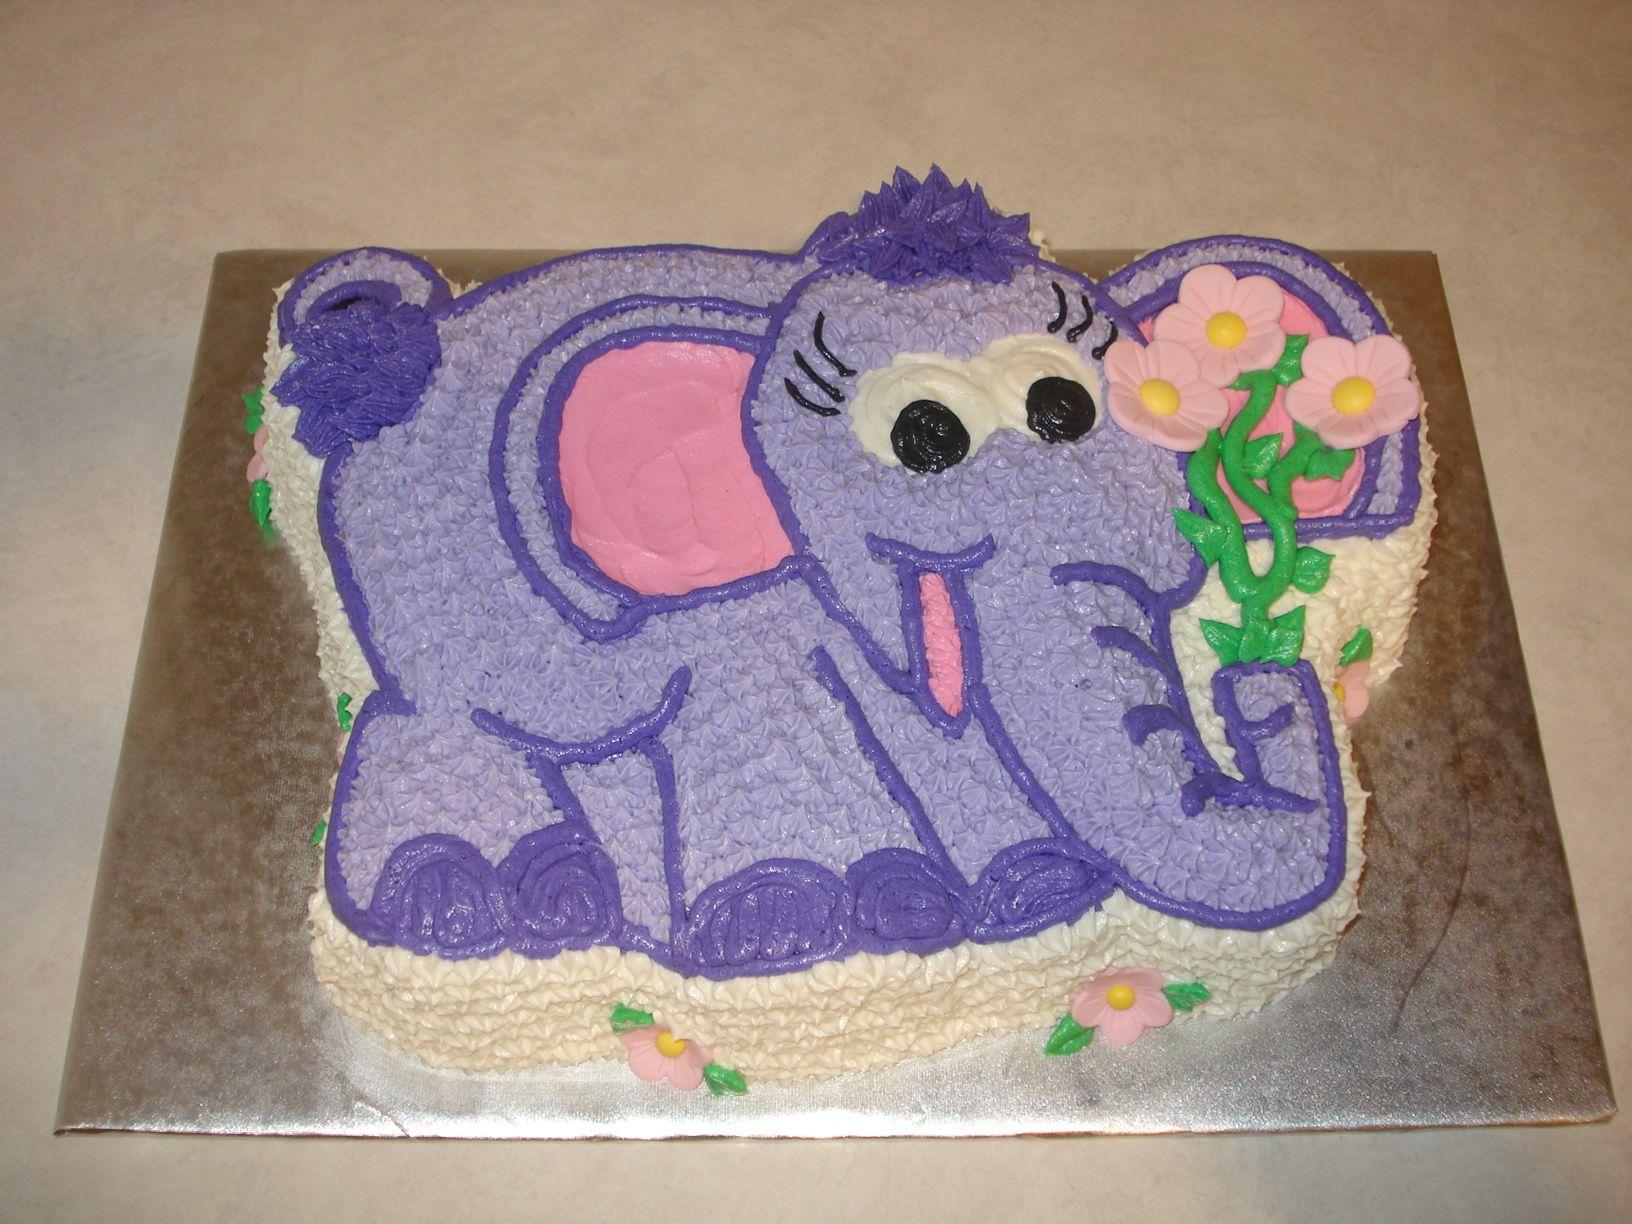 Elephant Cake Designs : Elephant Cake Ideas Cake Ideas and Designs